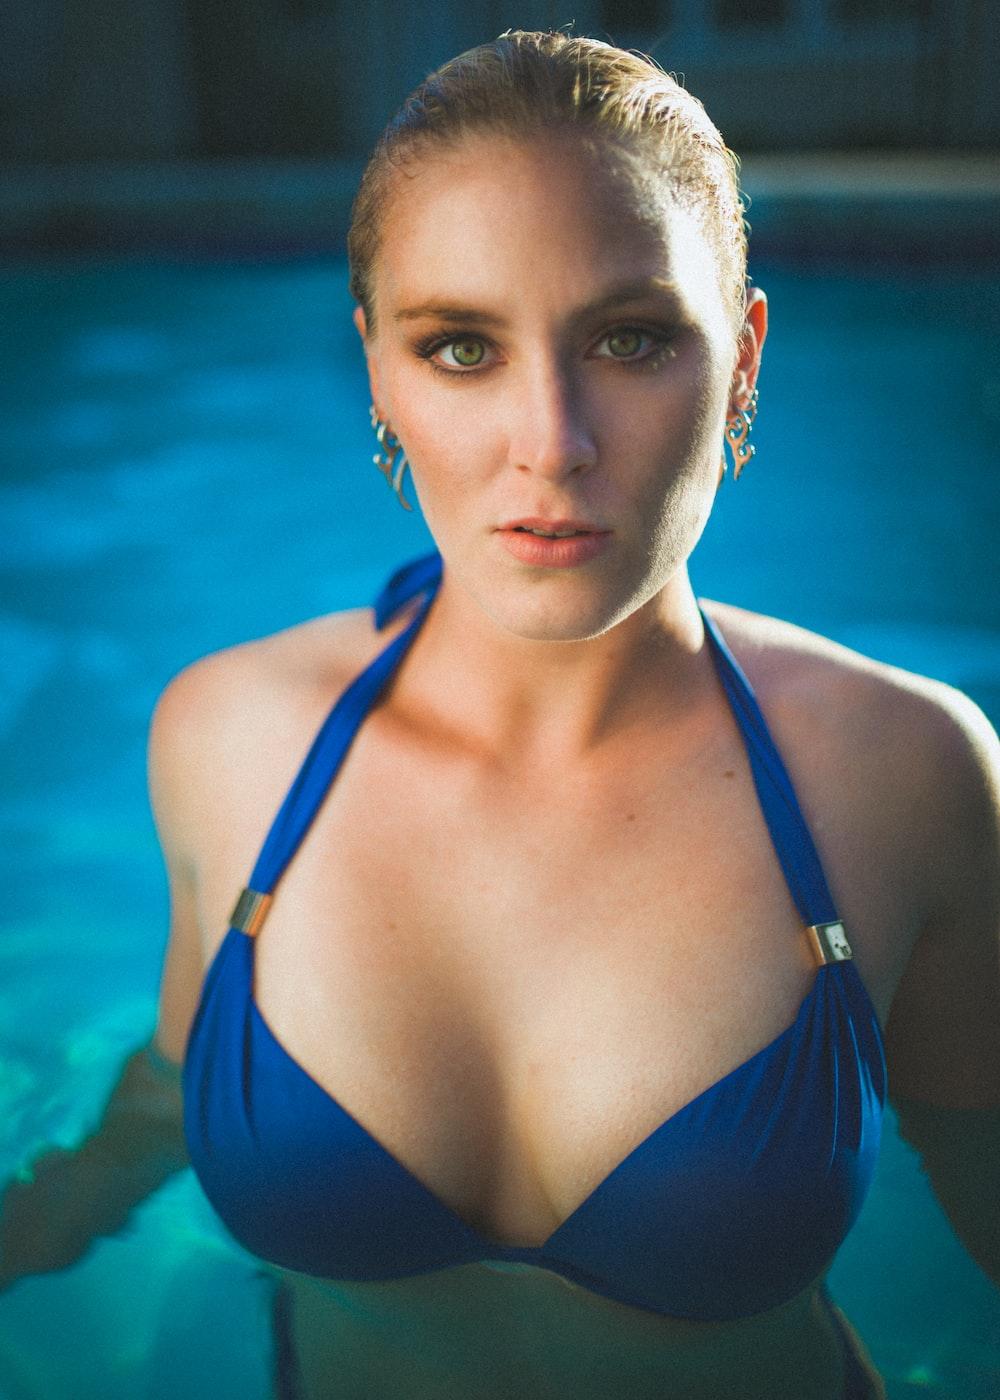 woman in blue string bikini top in pool looking straight